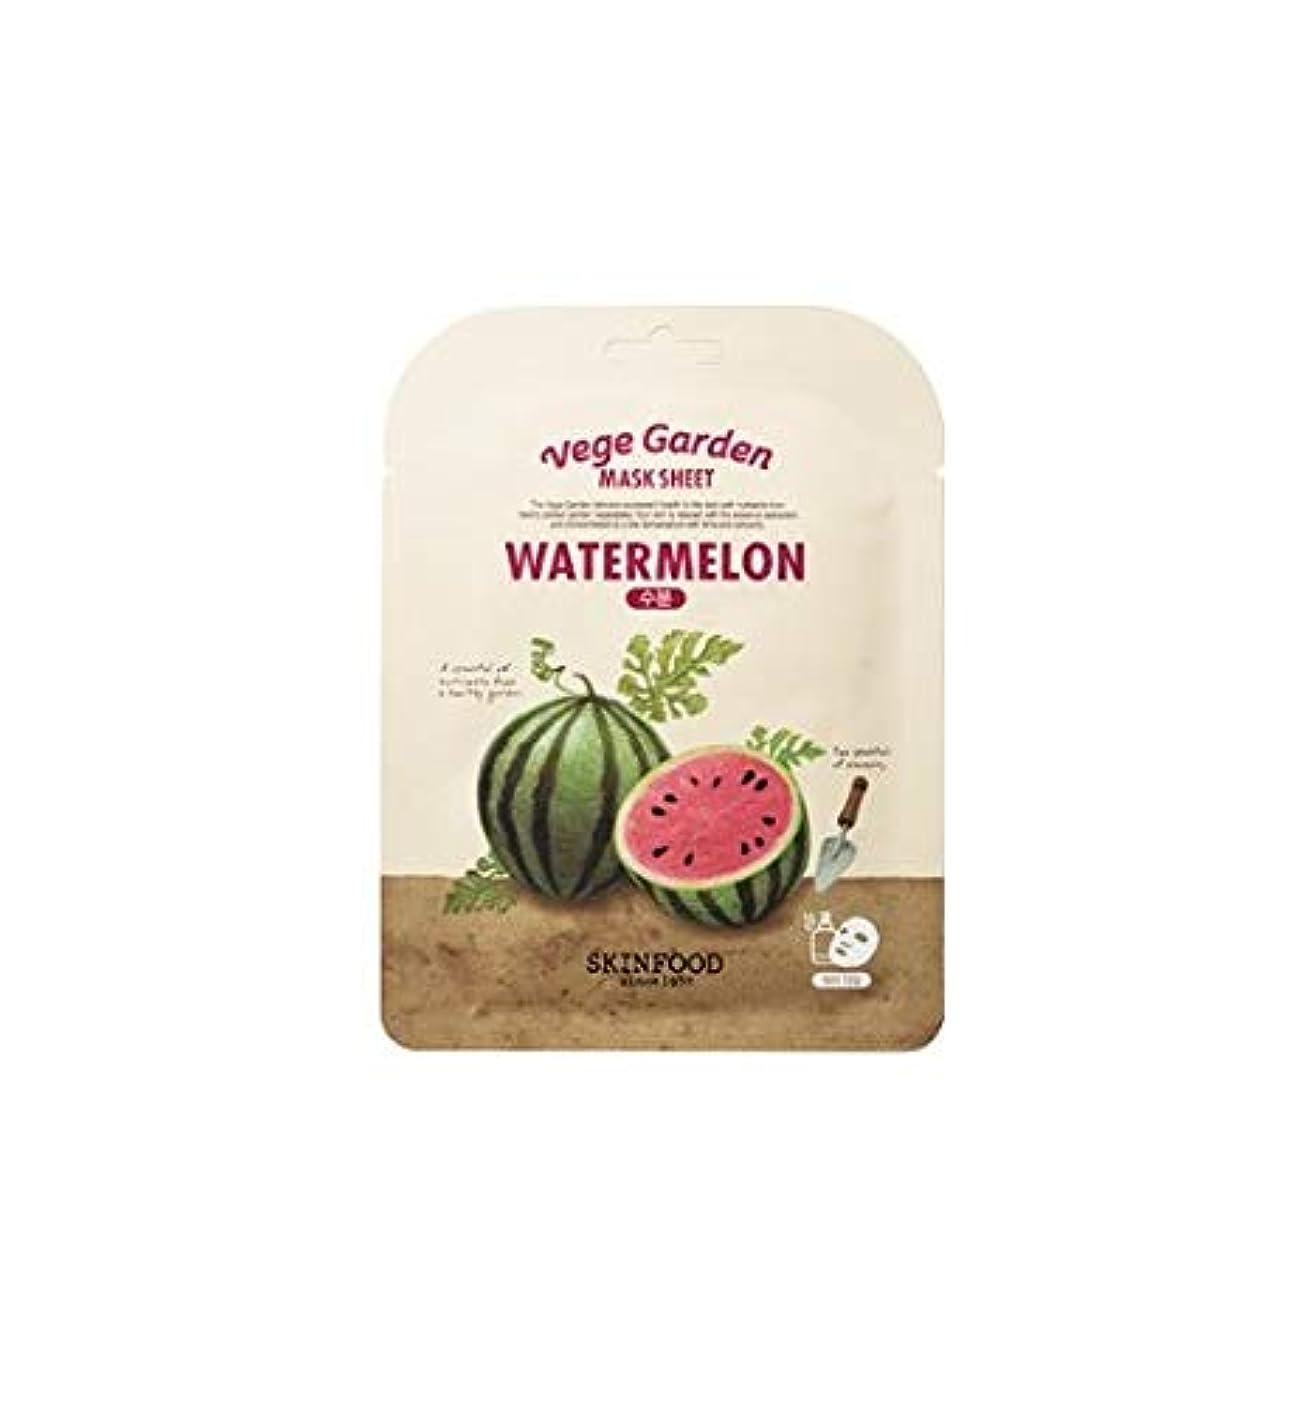 レビュー早熟発生器Skinfood ベジガーデンマスクシート#スイカ* 10ea / Vege Garden Mask Sheet # watermelon *10ea 20ml*10 [並行輸入品]